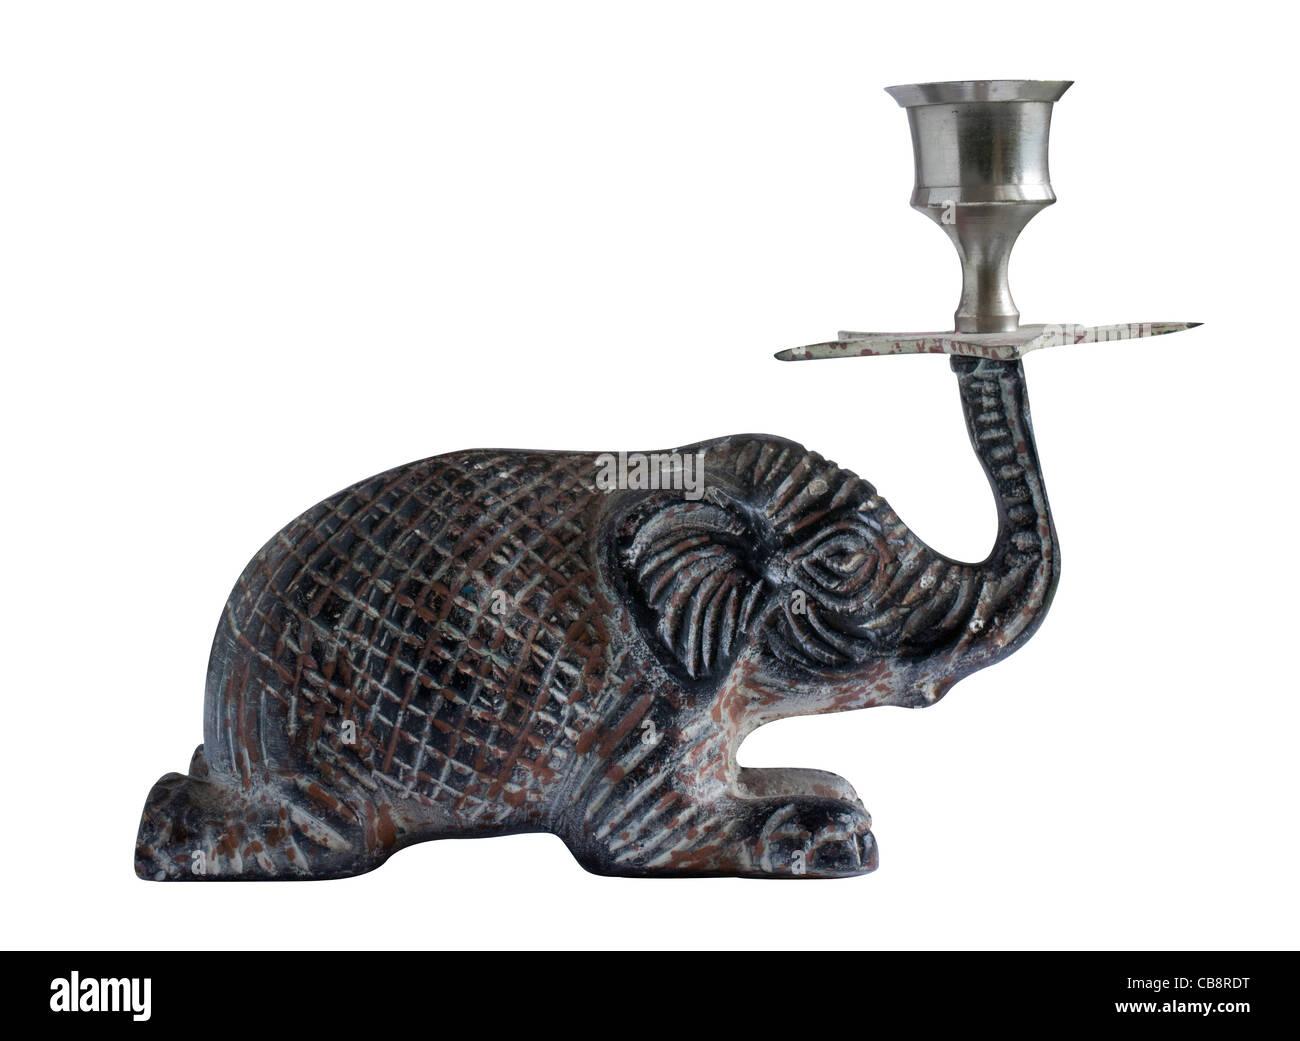 candlestick elephant on white - Stock Image